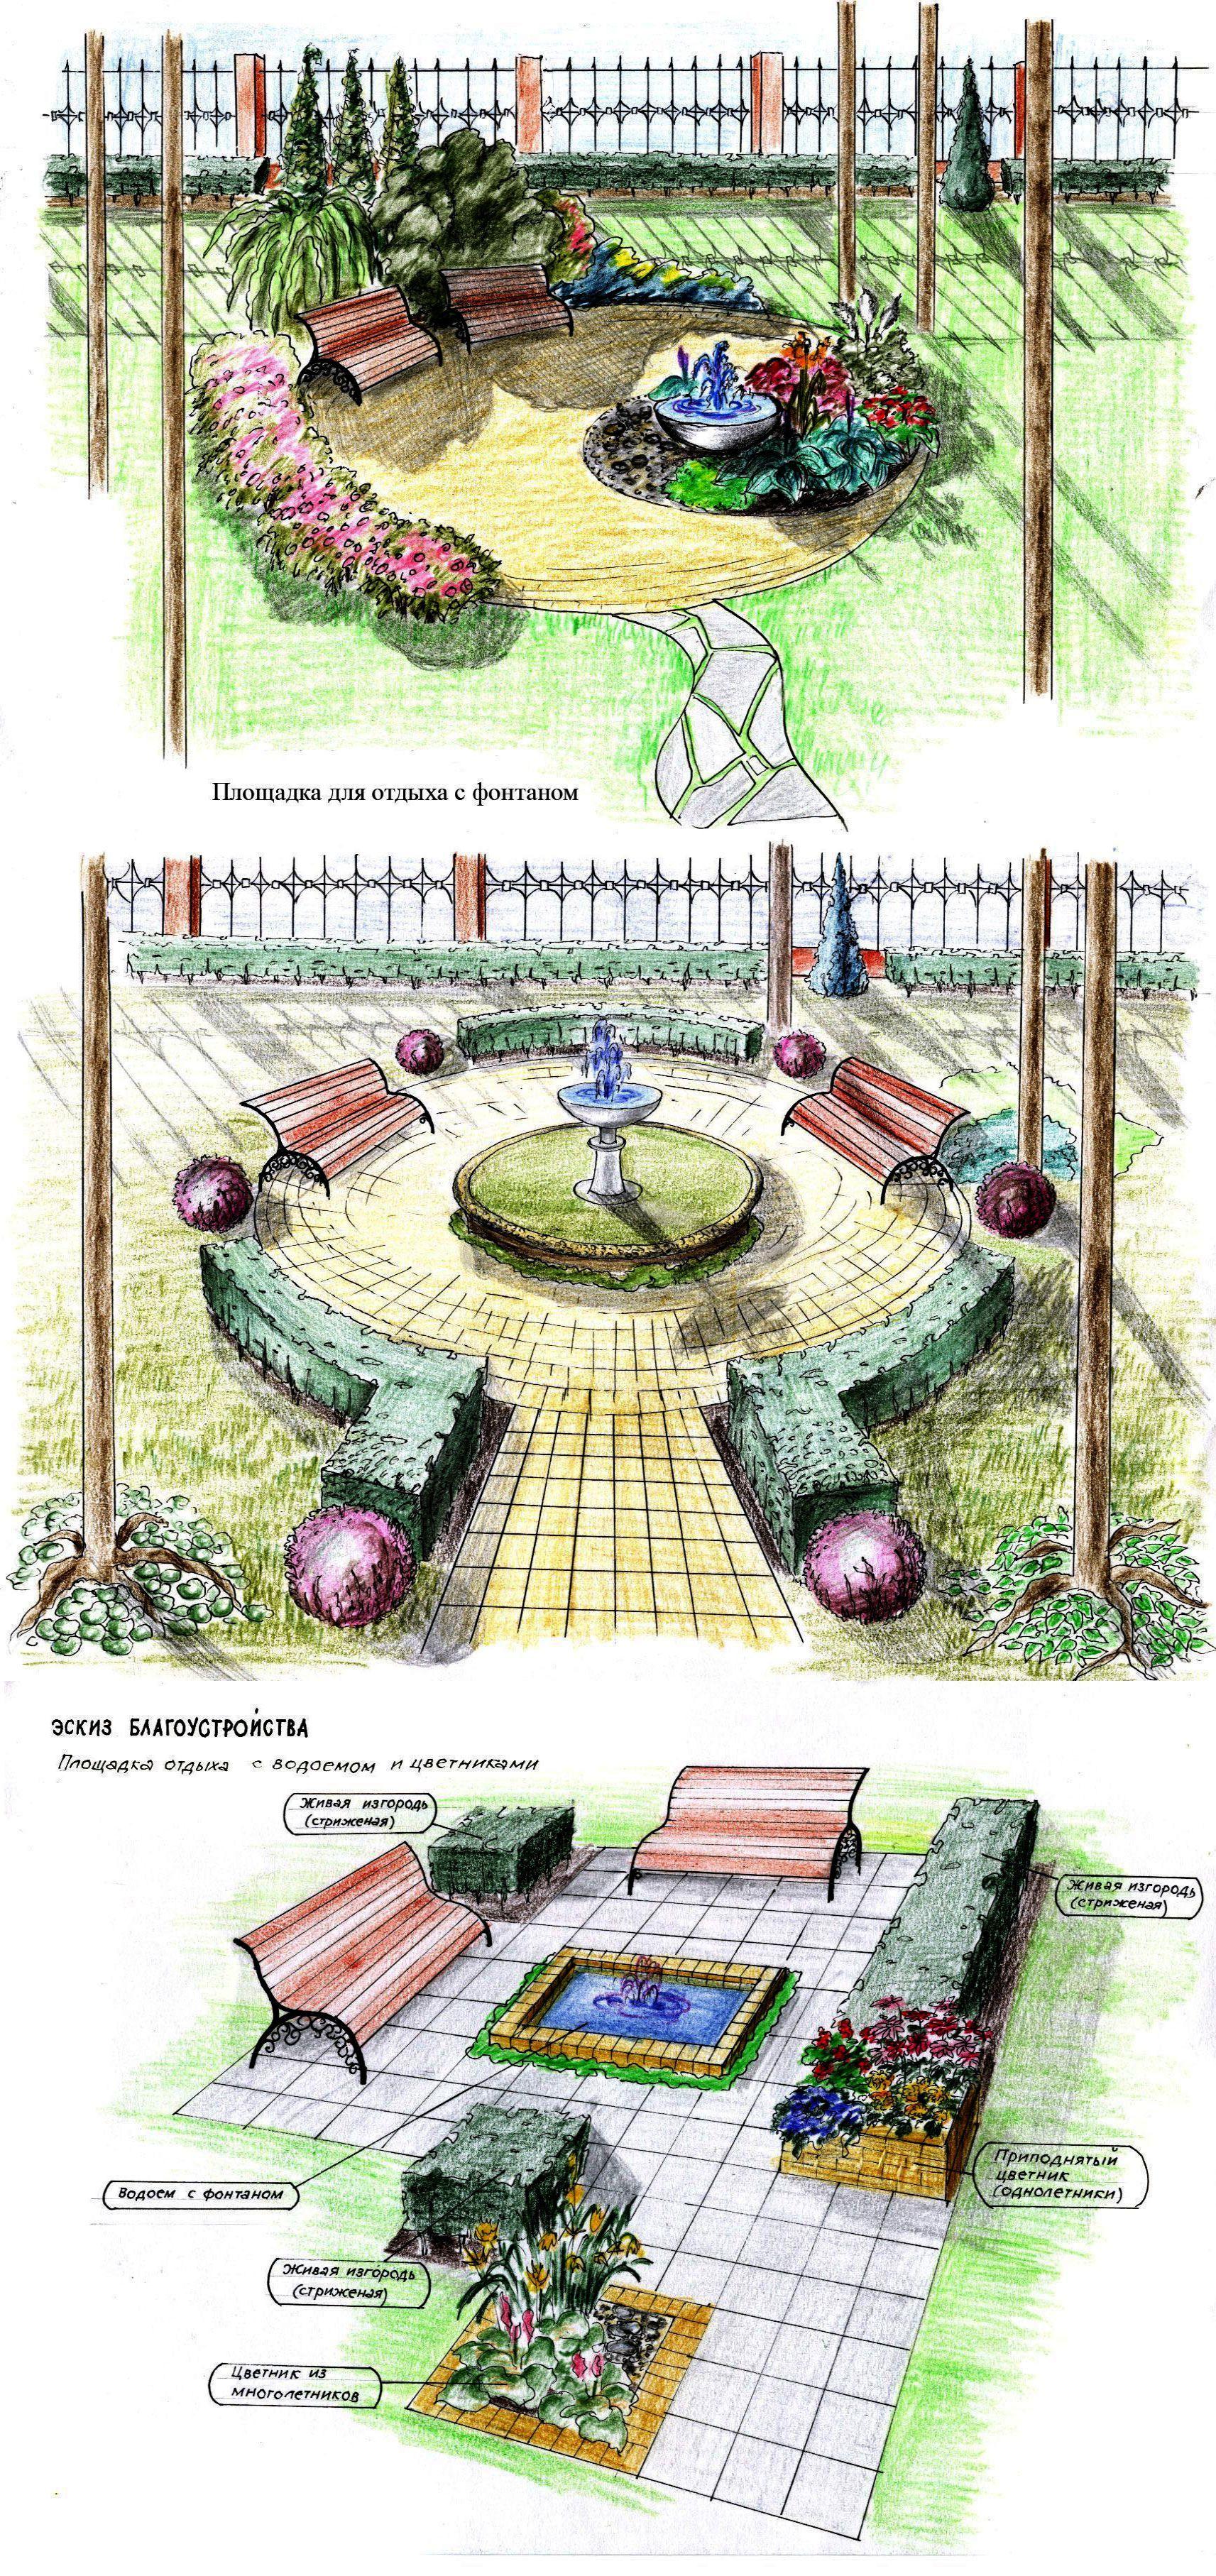 Pin By Romi Vape On House Design Garden Design Plans Landscape Architecture Design Landscape Plans